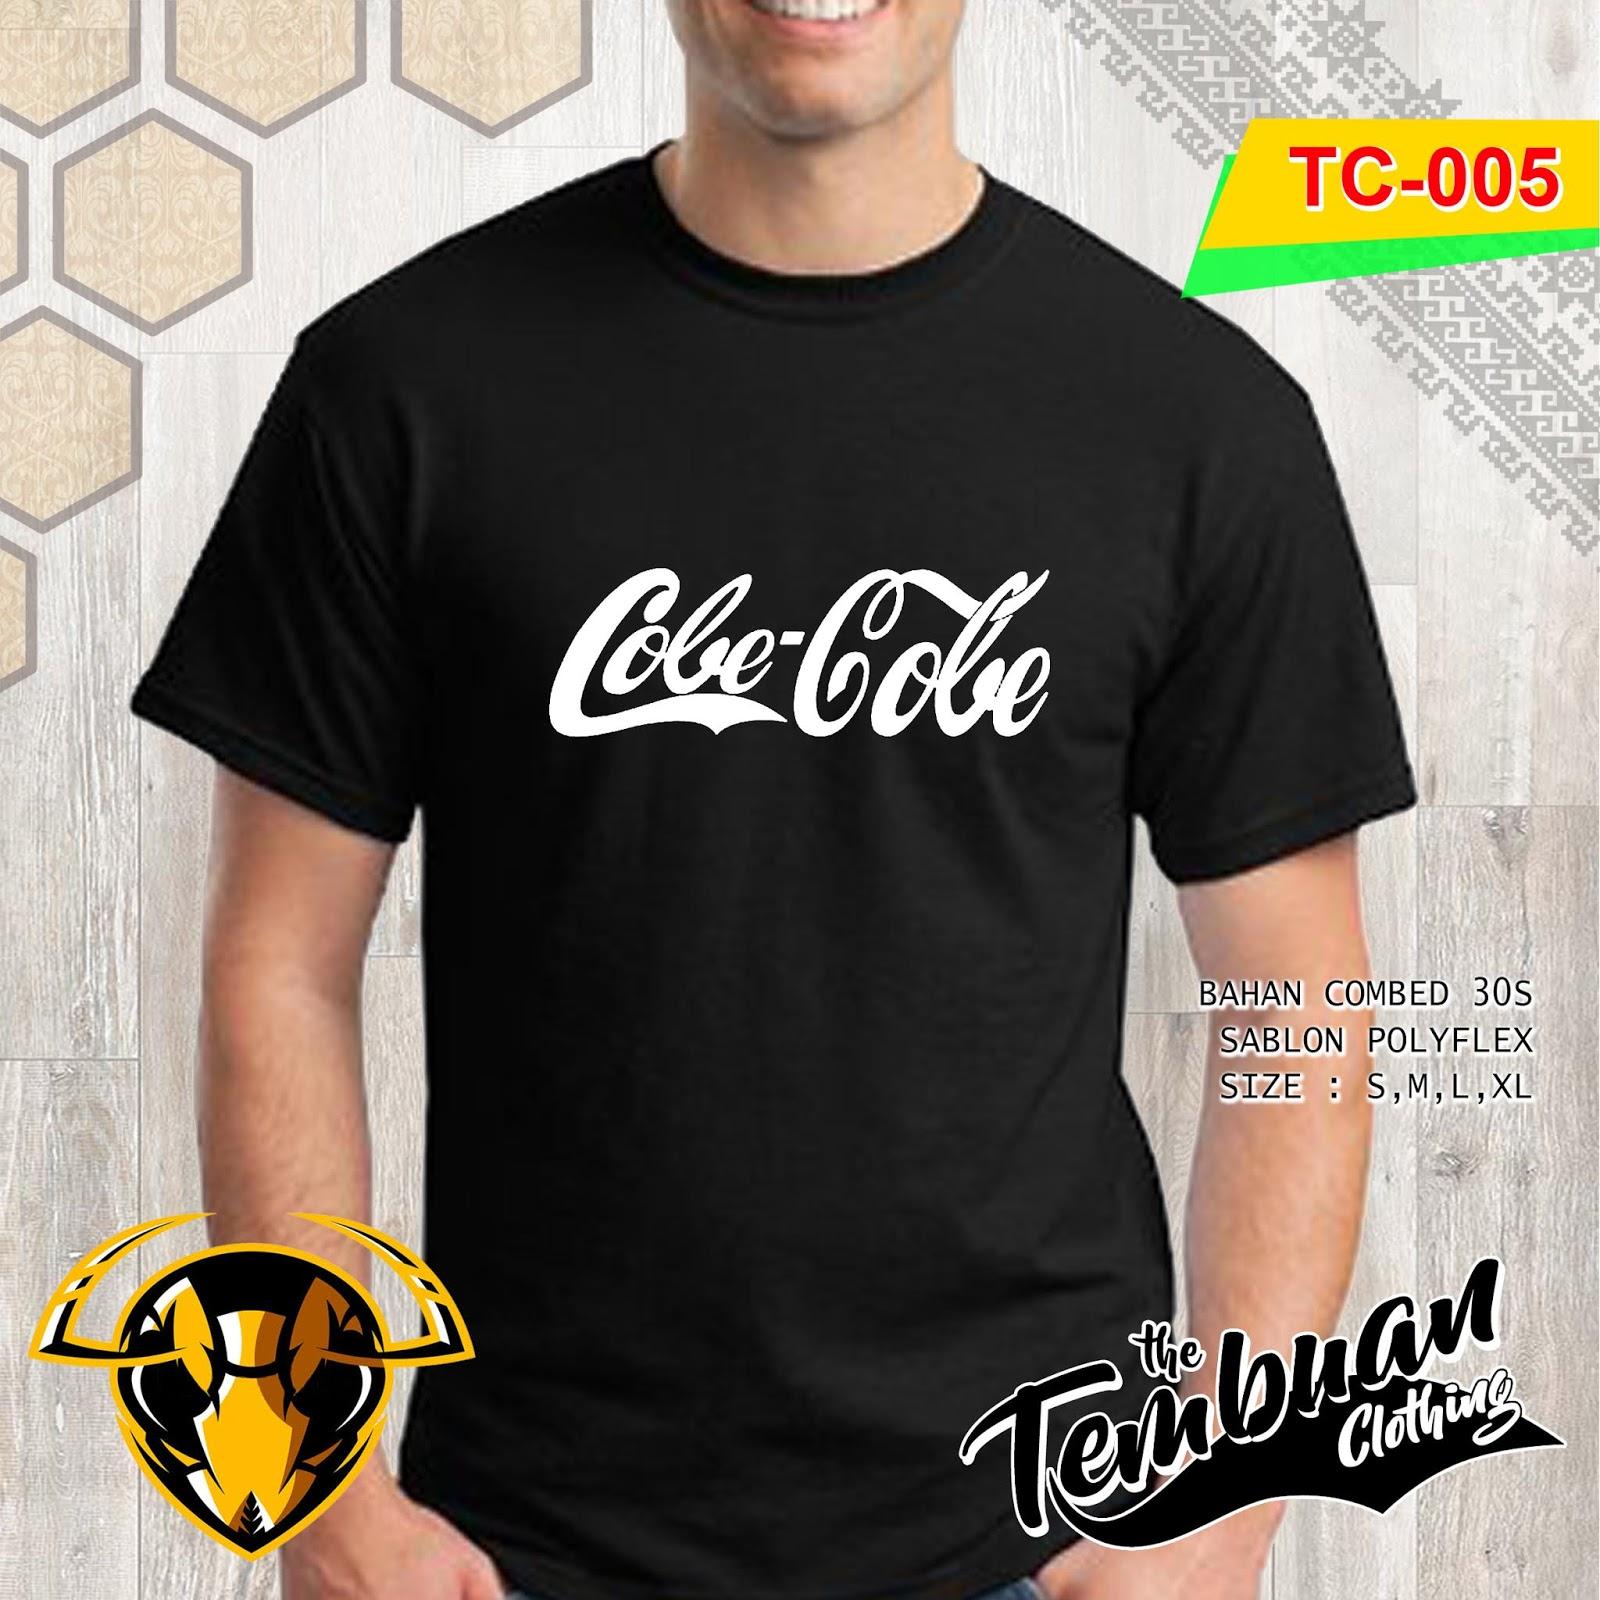 Tembuan Clothing - TC-005 (Cobe-Cobe)